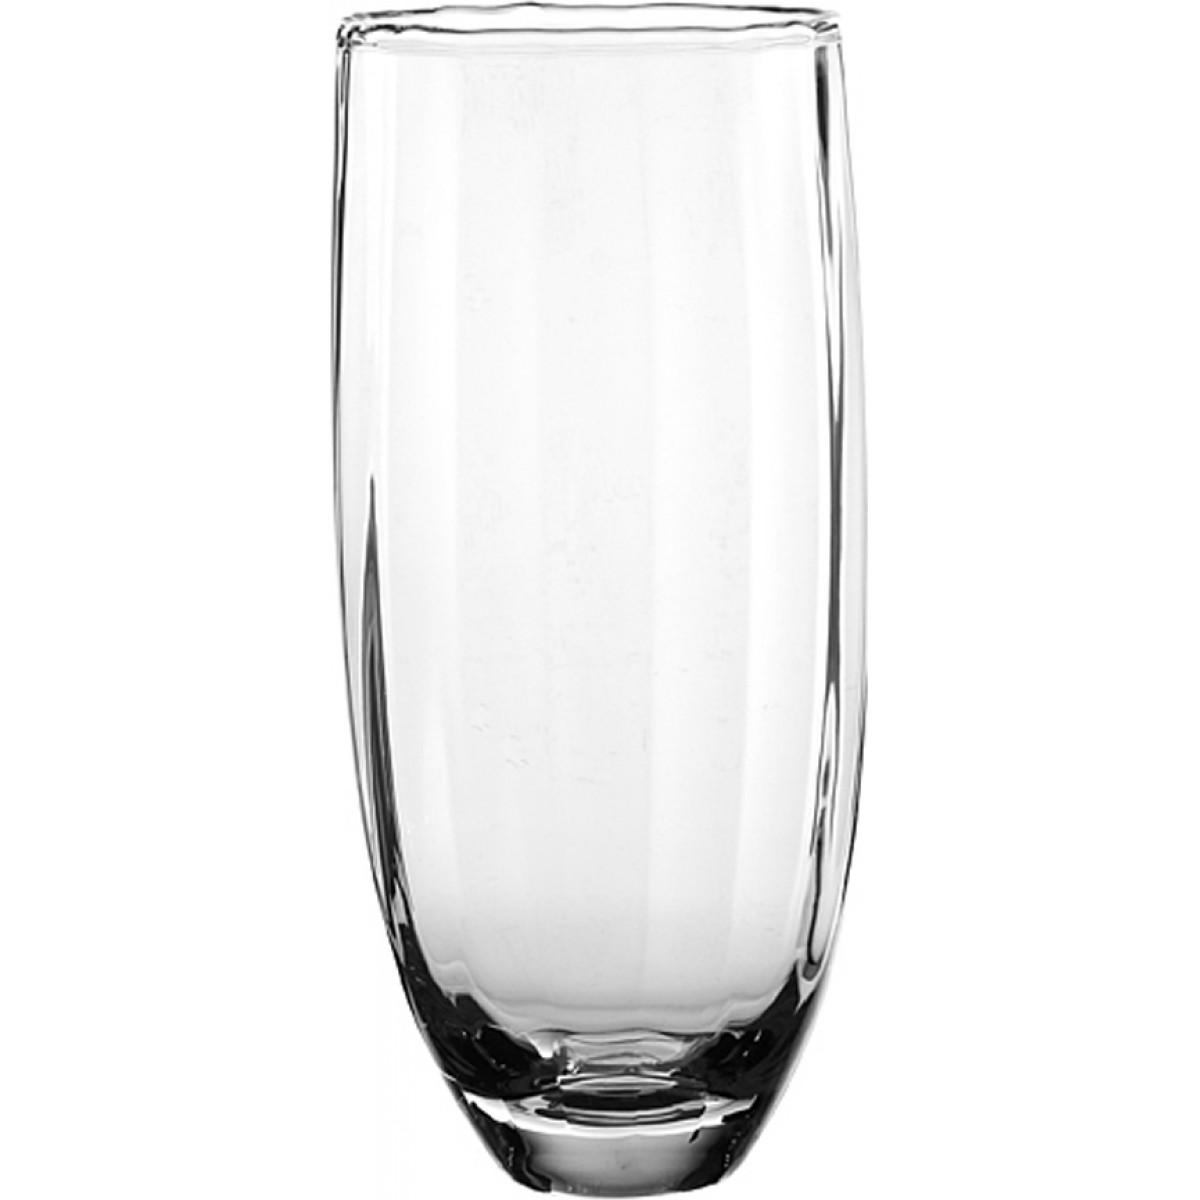 {} Krosno Ваза Tiffiny (30 см) ваза селадон династия мин 30 х 30 х 56 см